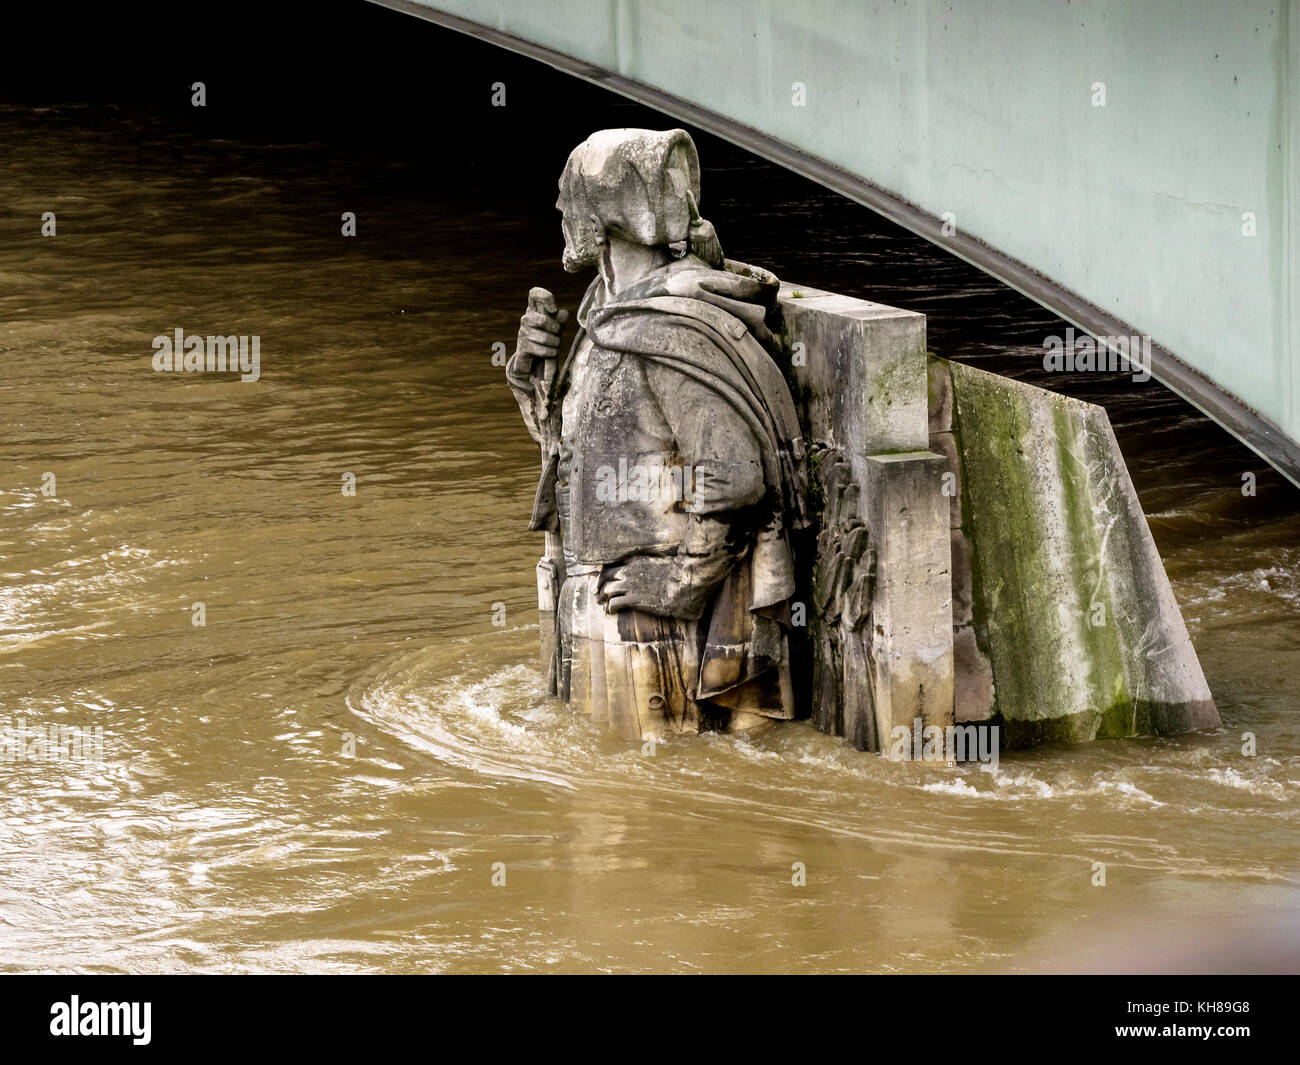 France, Ile de France, Paris, the Seine overflowing and flooding, June 2016, the 'Zouave' at the pont de - Stock Image